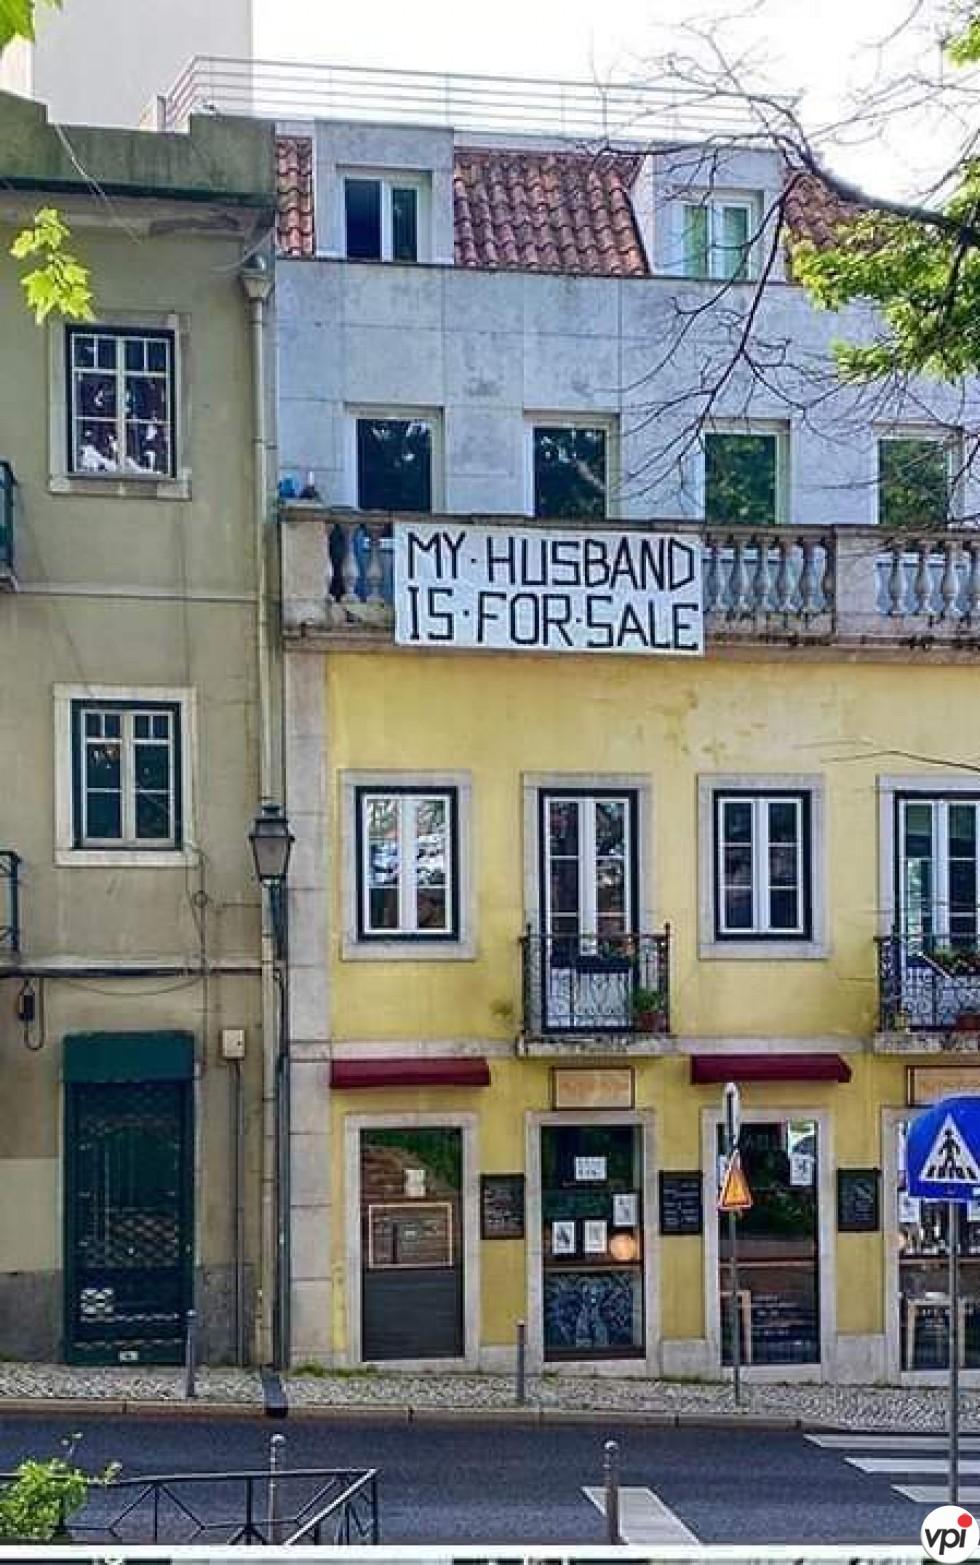 Soț de vânzare!